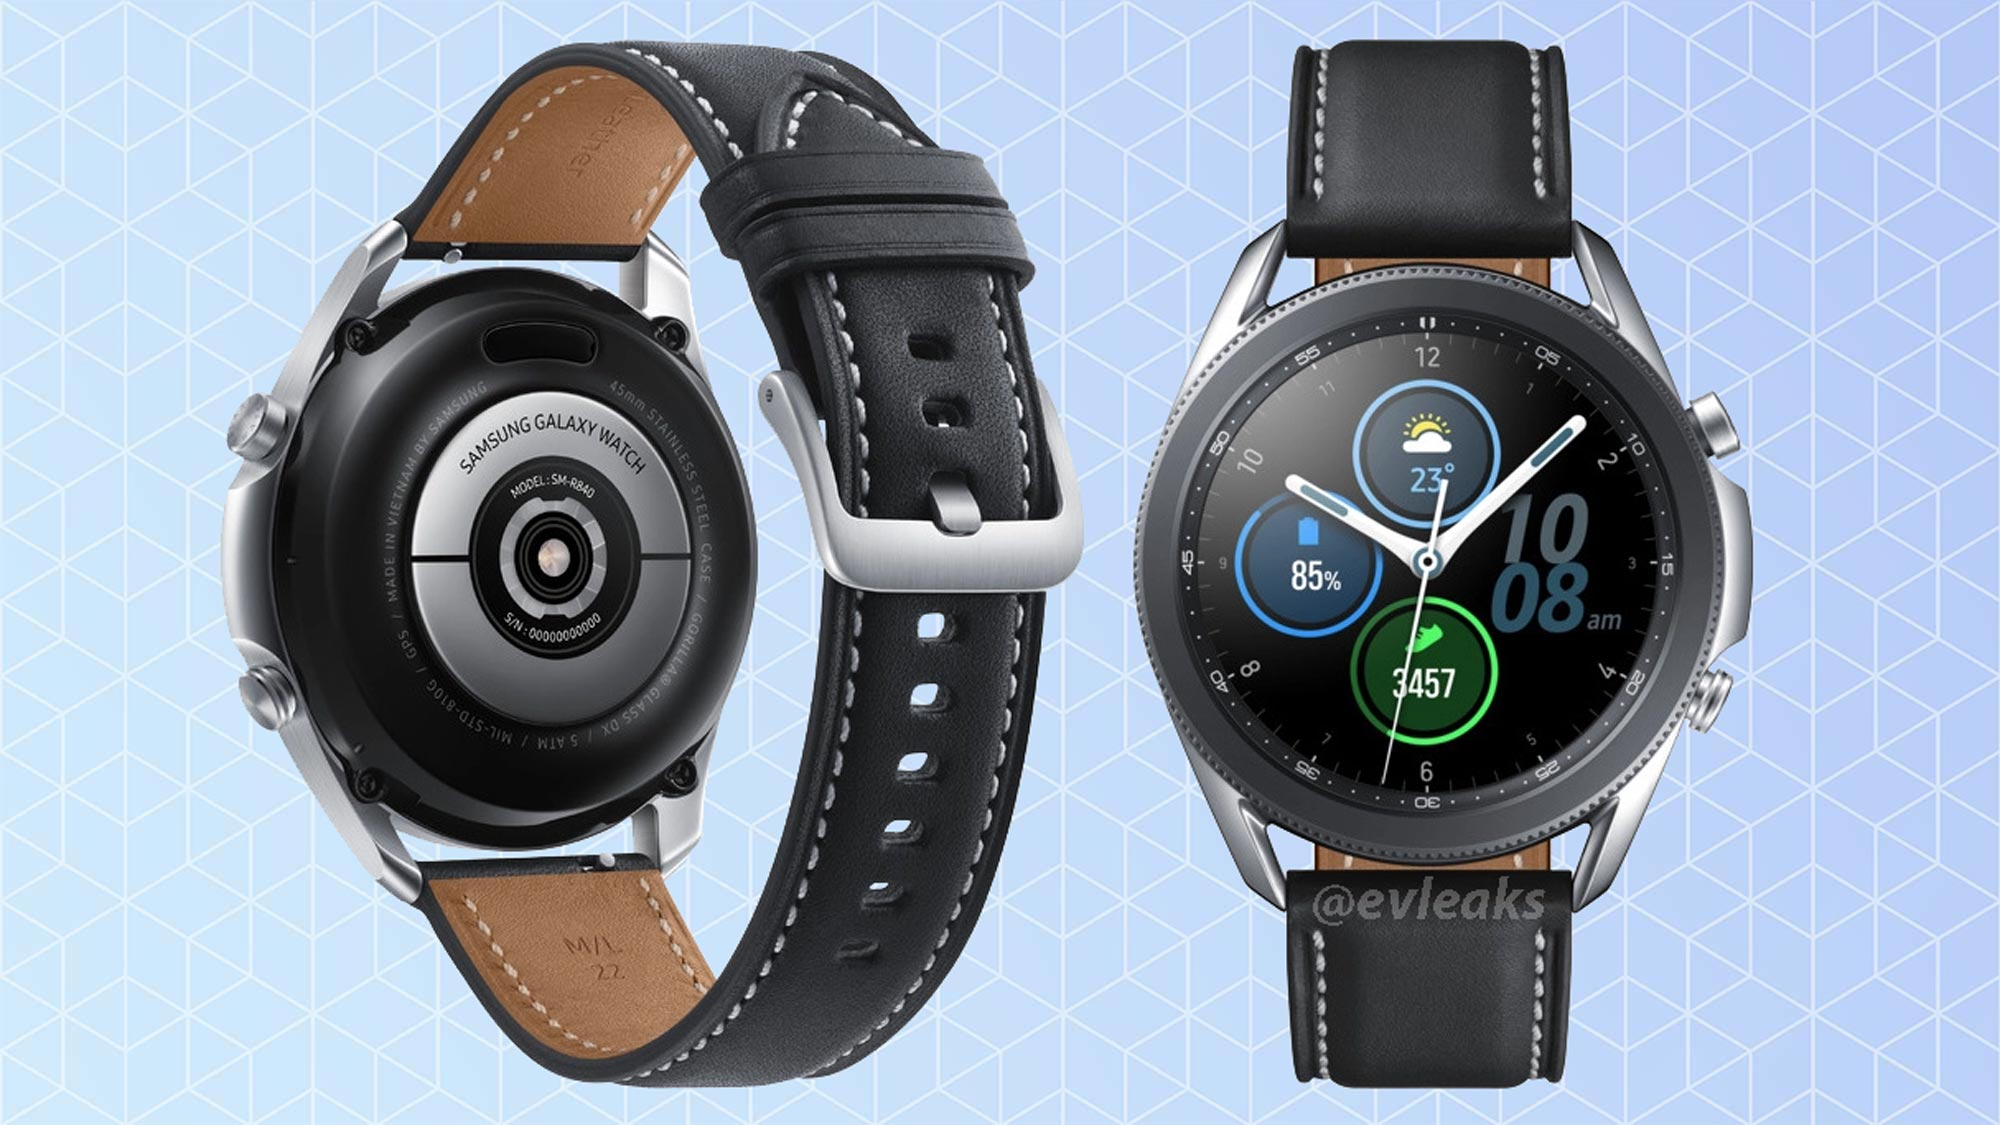 جدیدترین ساعت Samsung Galaxy Watch 3 به بازار عرضه شد